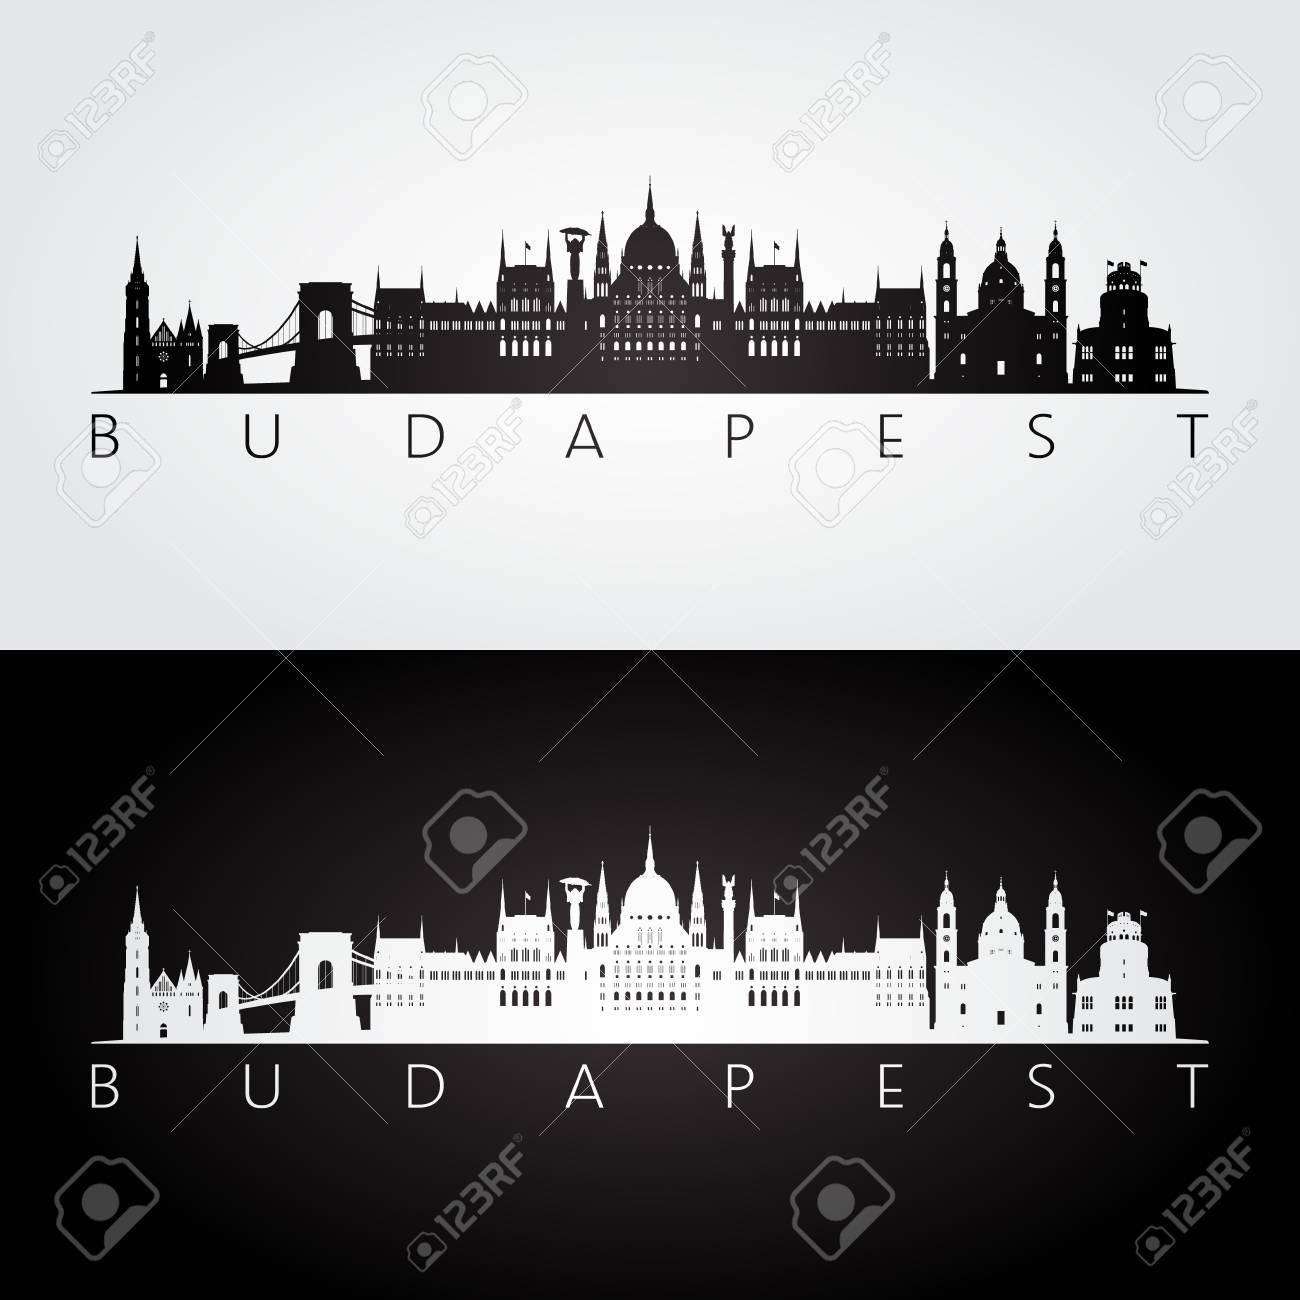 Budapest skyline and landmarks silhouette, black and white design, vector illustration. - 97055184